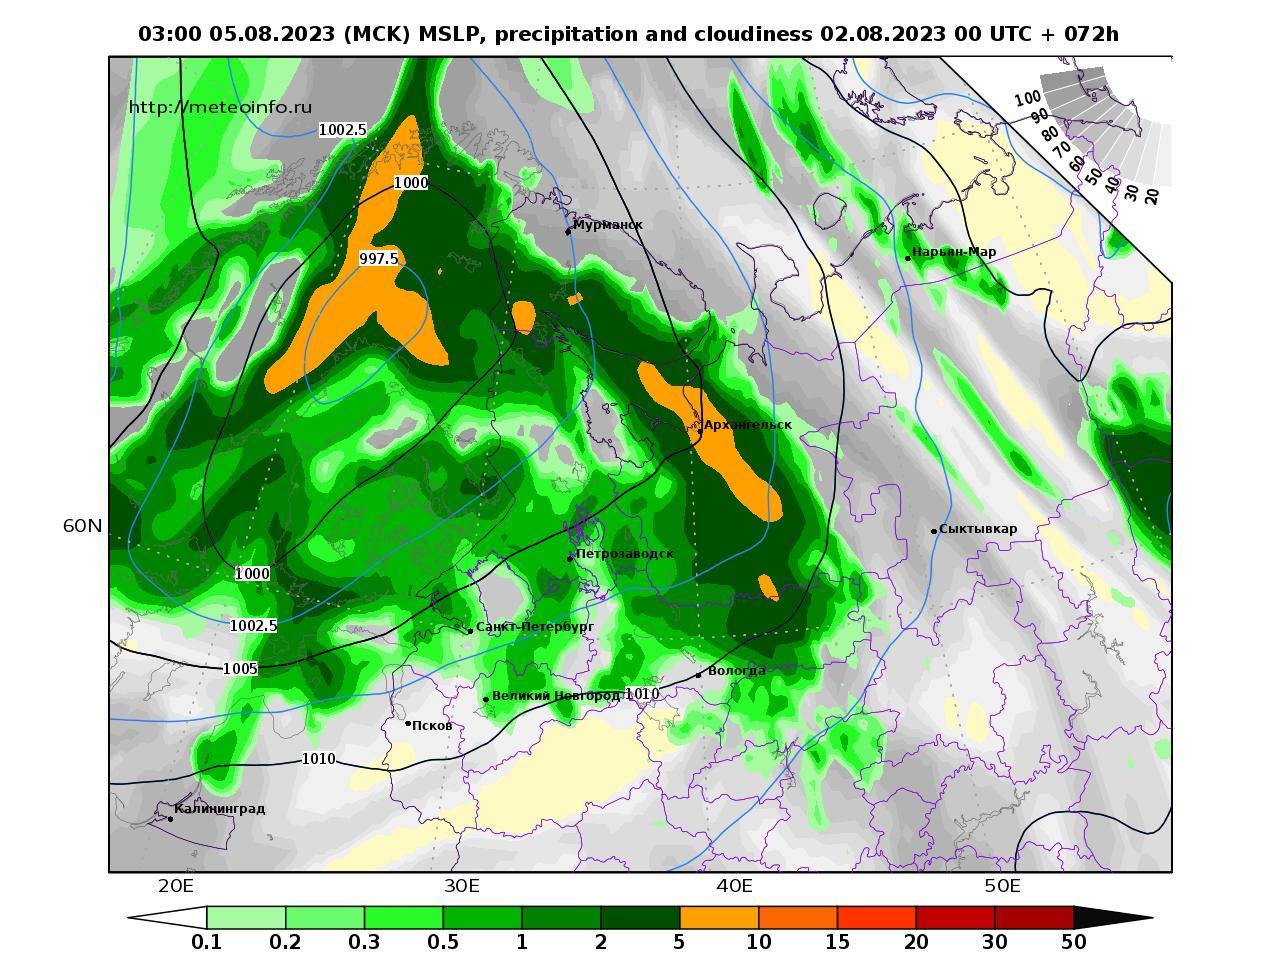 Северо-Западный Федеральный округ, прогностическая карта осадки и давление, заблаговременность прогноза 72 часа